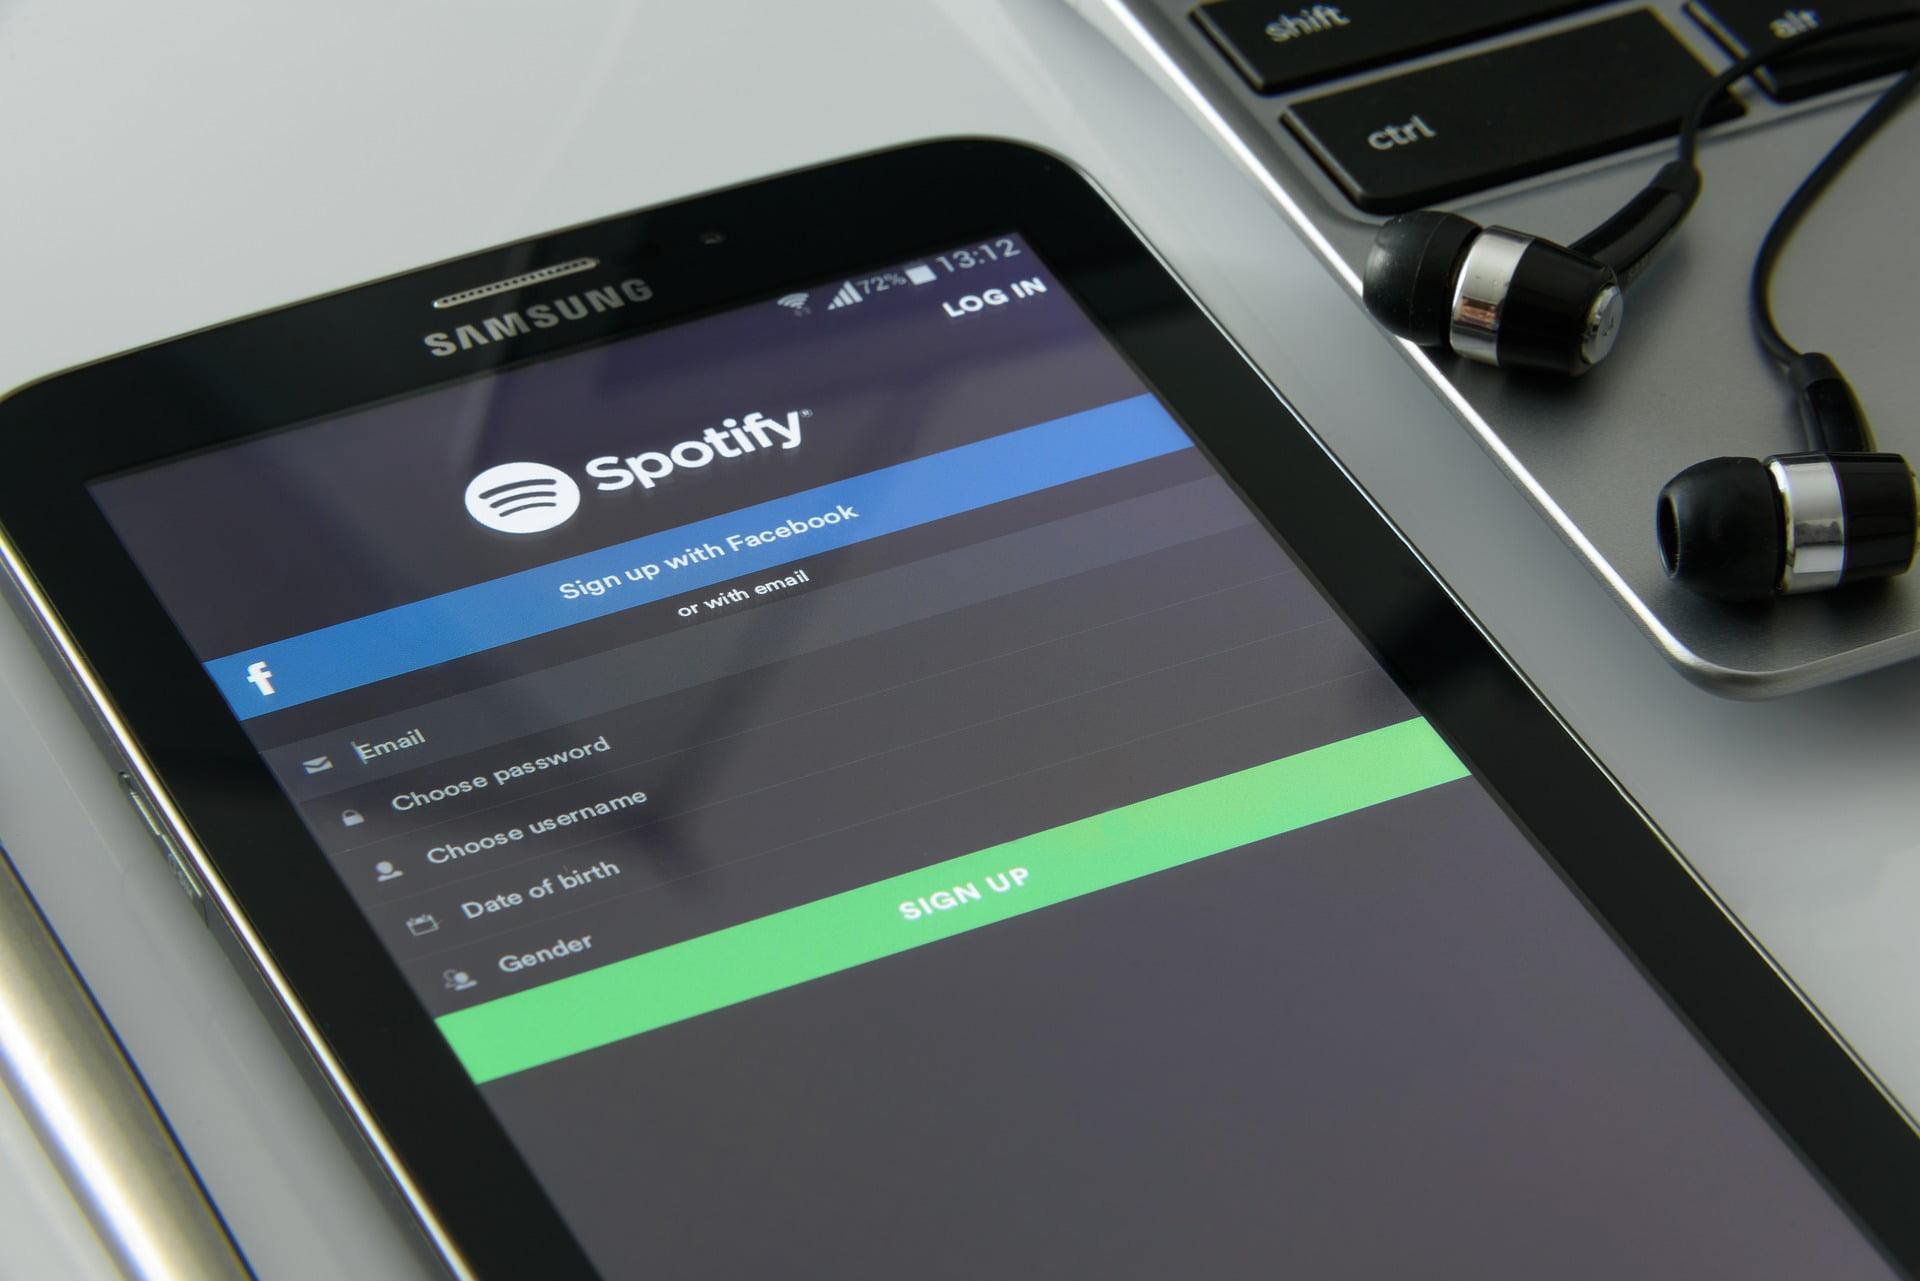 Näin lataat musiikkia Spotifysta